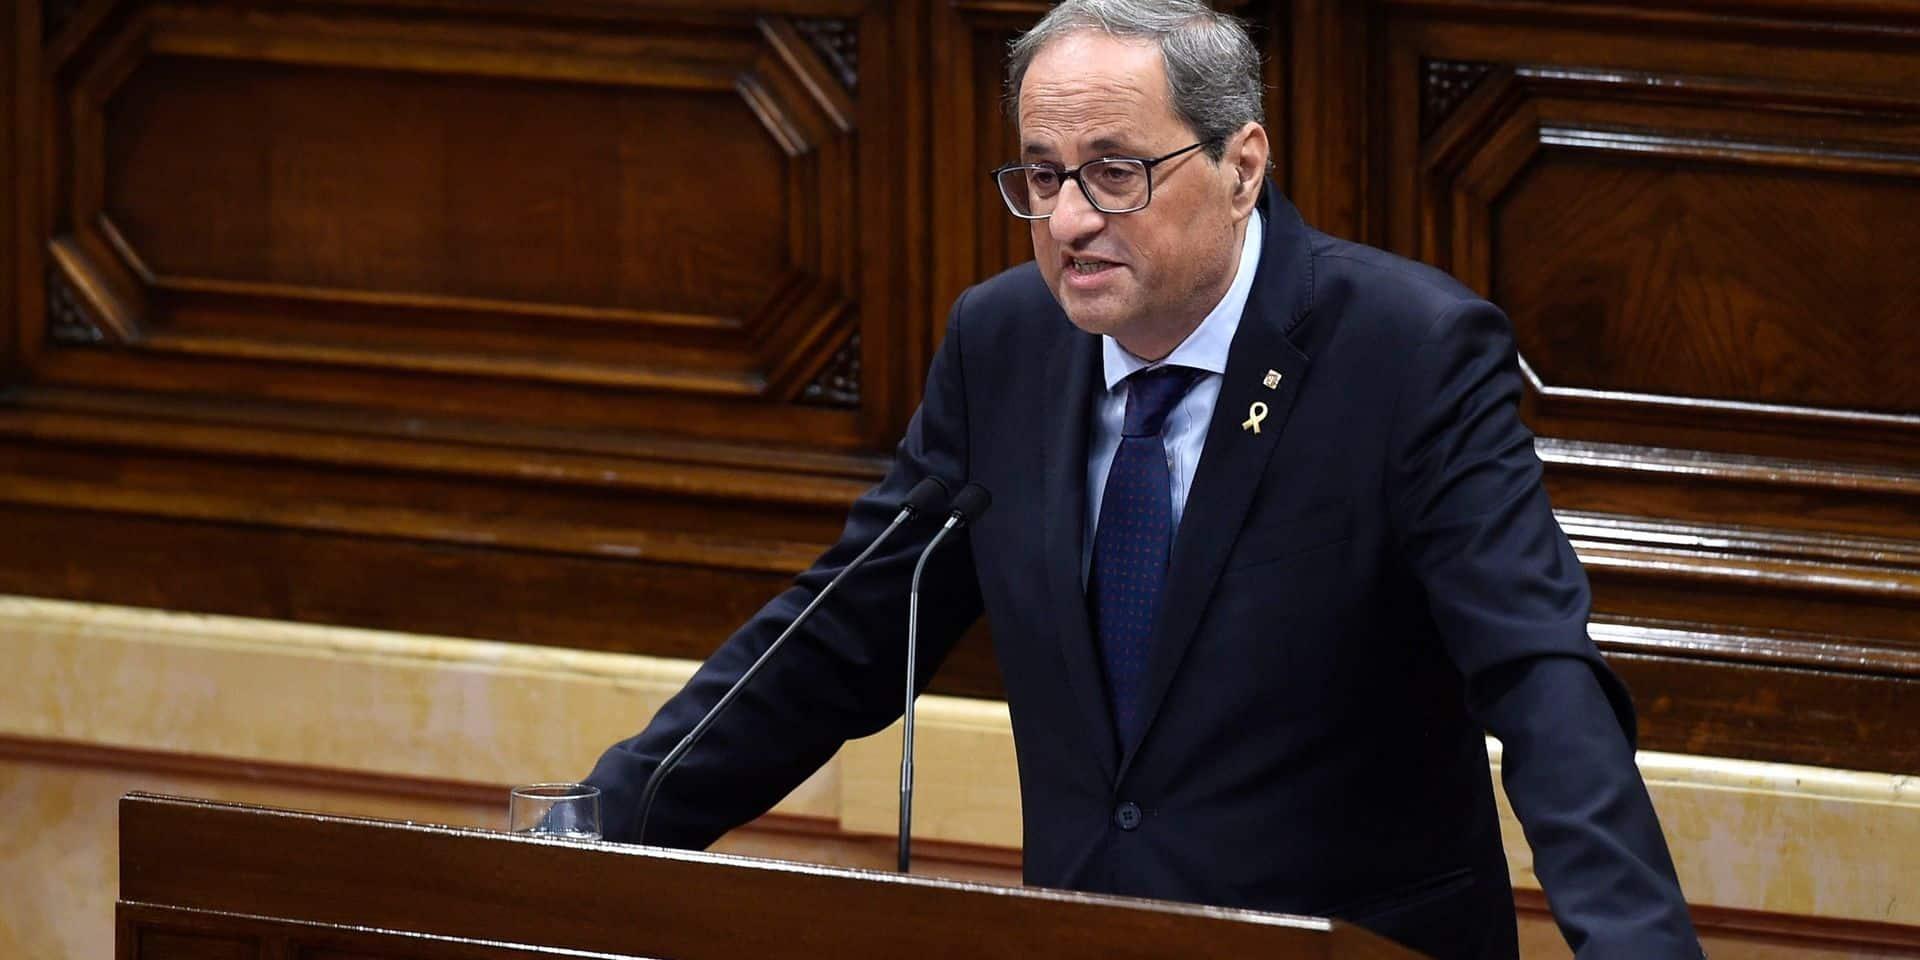 Catalogne: le président de Catalogne Quim Torra déchu de ses fonctions pour désobéissance